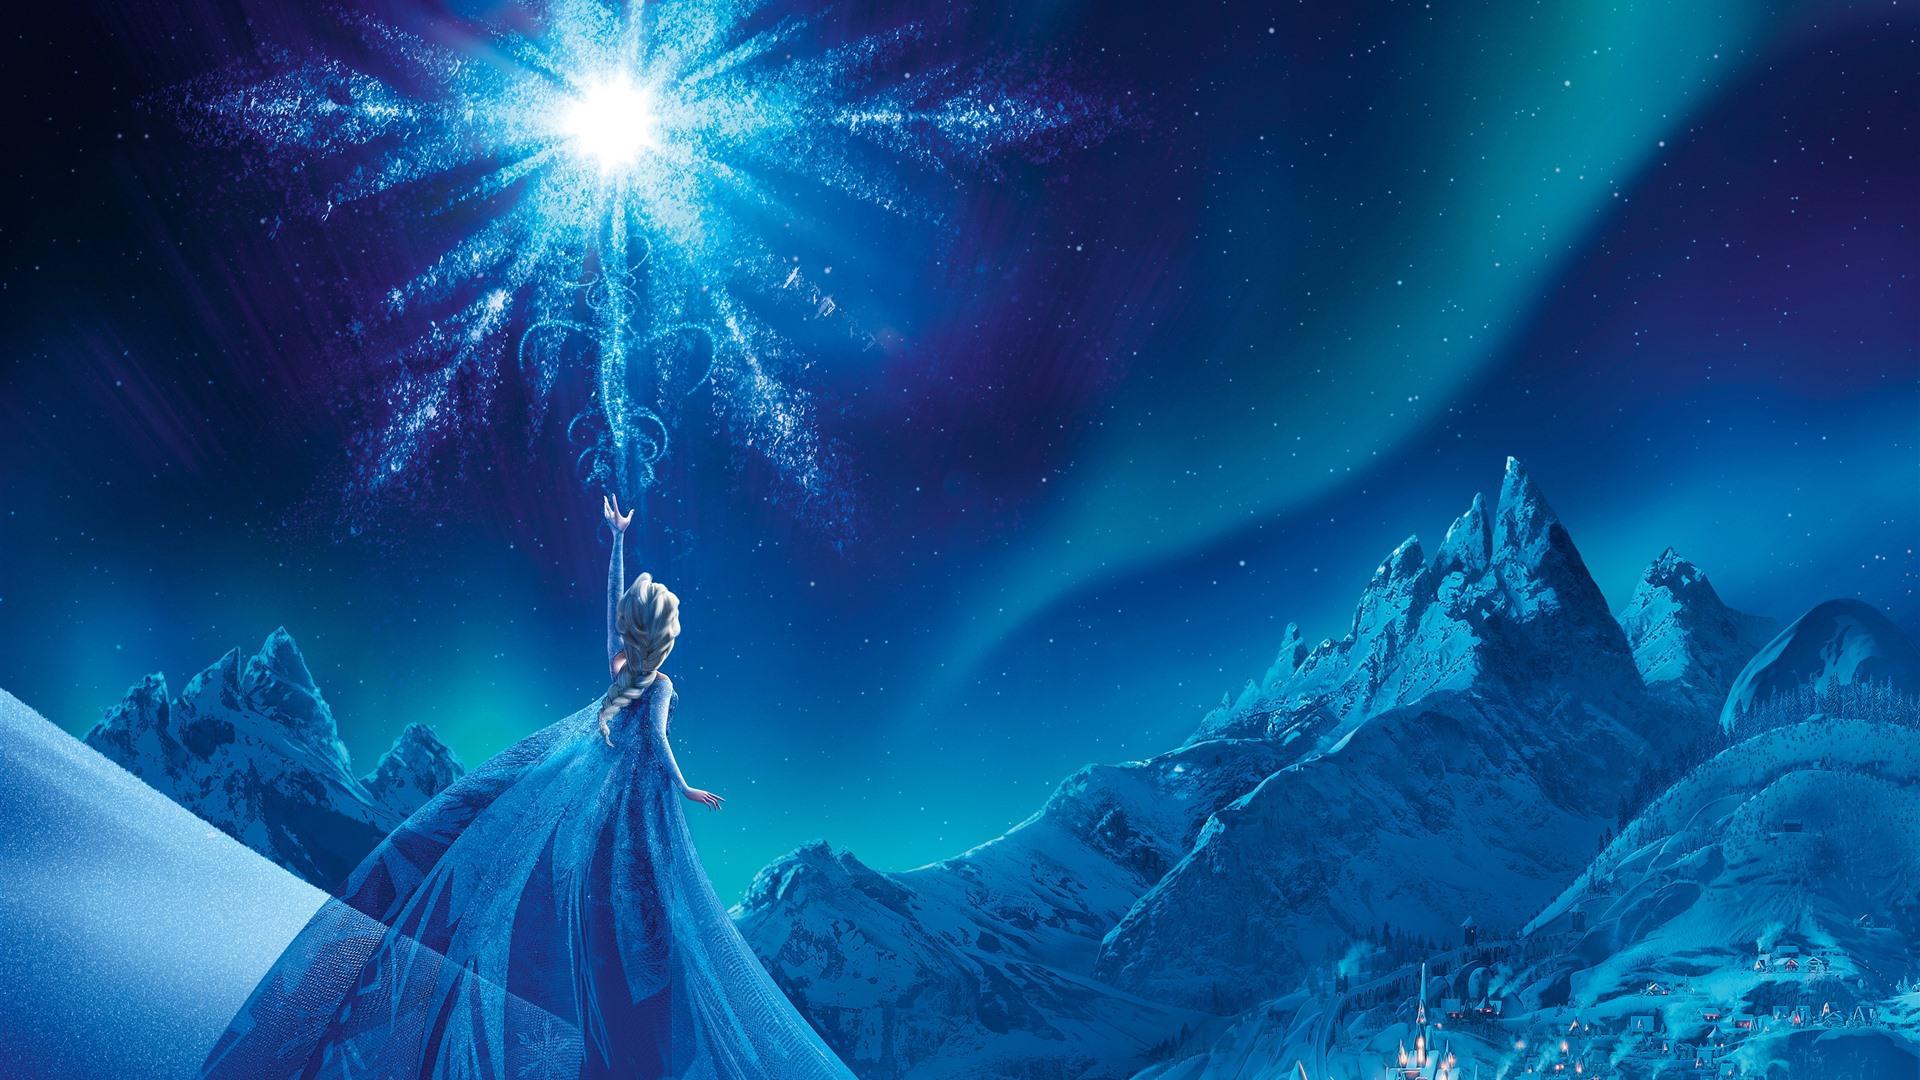 壁紙 アナと雪の女王、エルザ、夜、スノーフレーク 3840x2160 UHD 4K 無料のデスクトップの背景, 画像